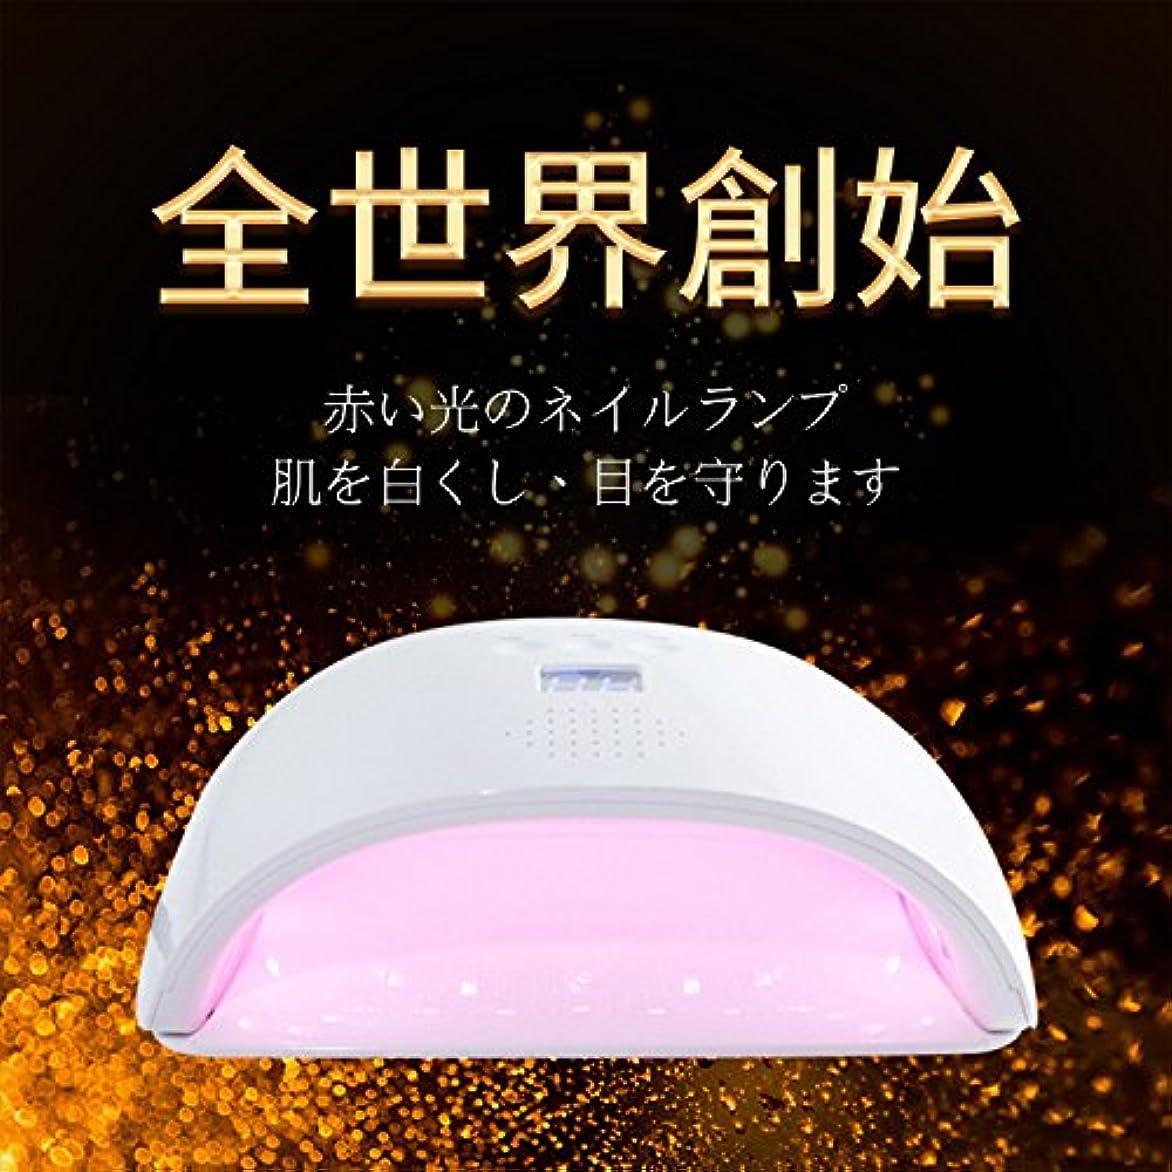 アカデミック尊敬する組立Halicer 48W UV LED ネイルドライヤー 人感センサー 自動オンオフ 30S/60S/90Sタイマー設定 取り外し式 手と足両用 22粒UV LDEダブルライト